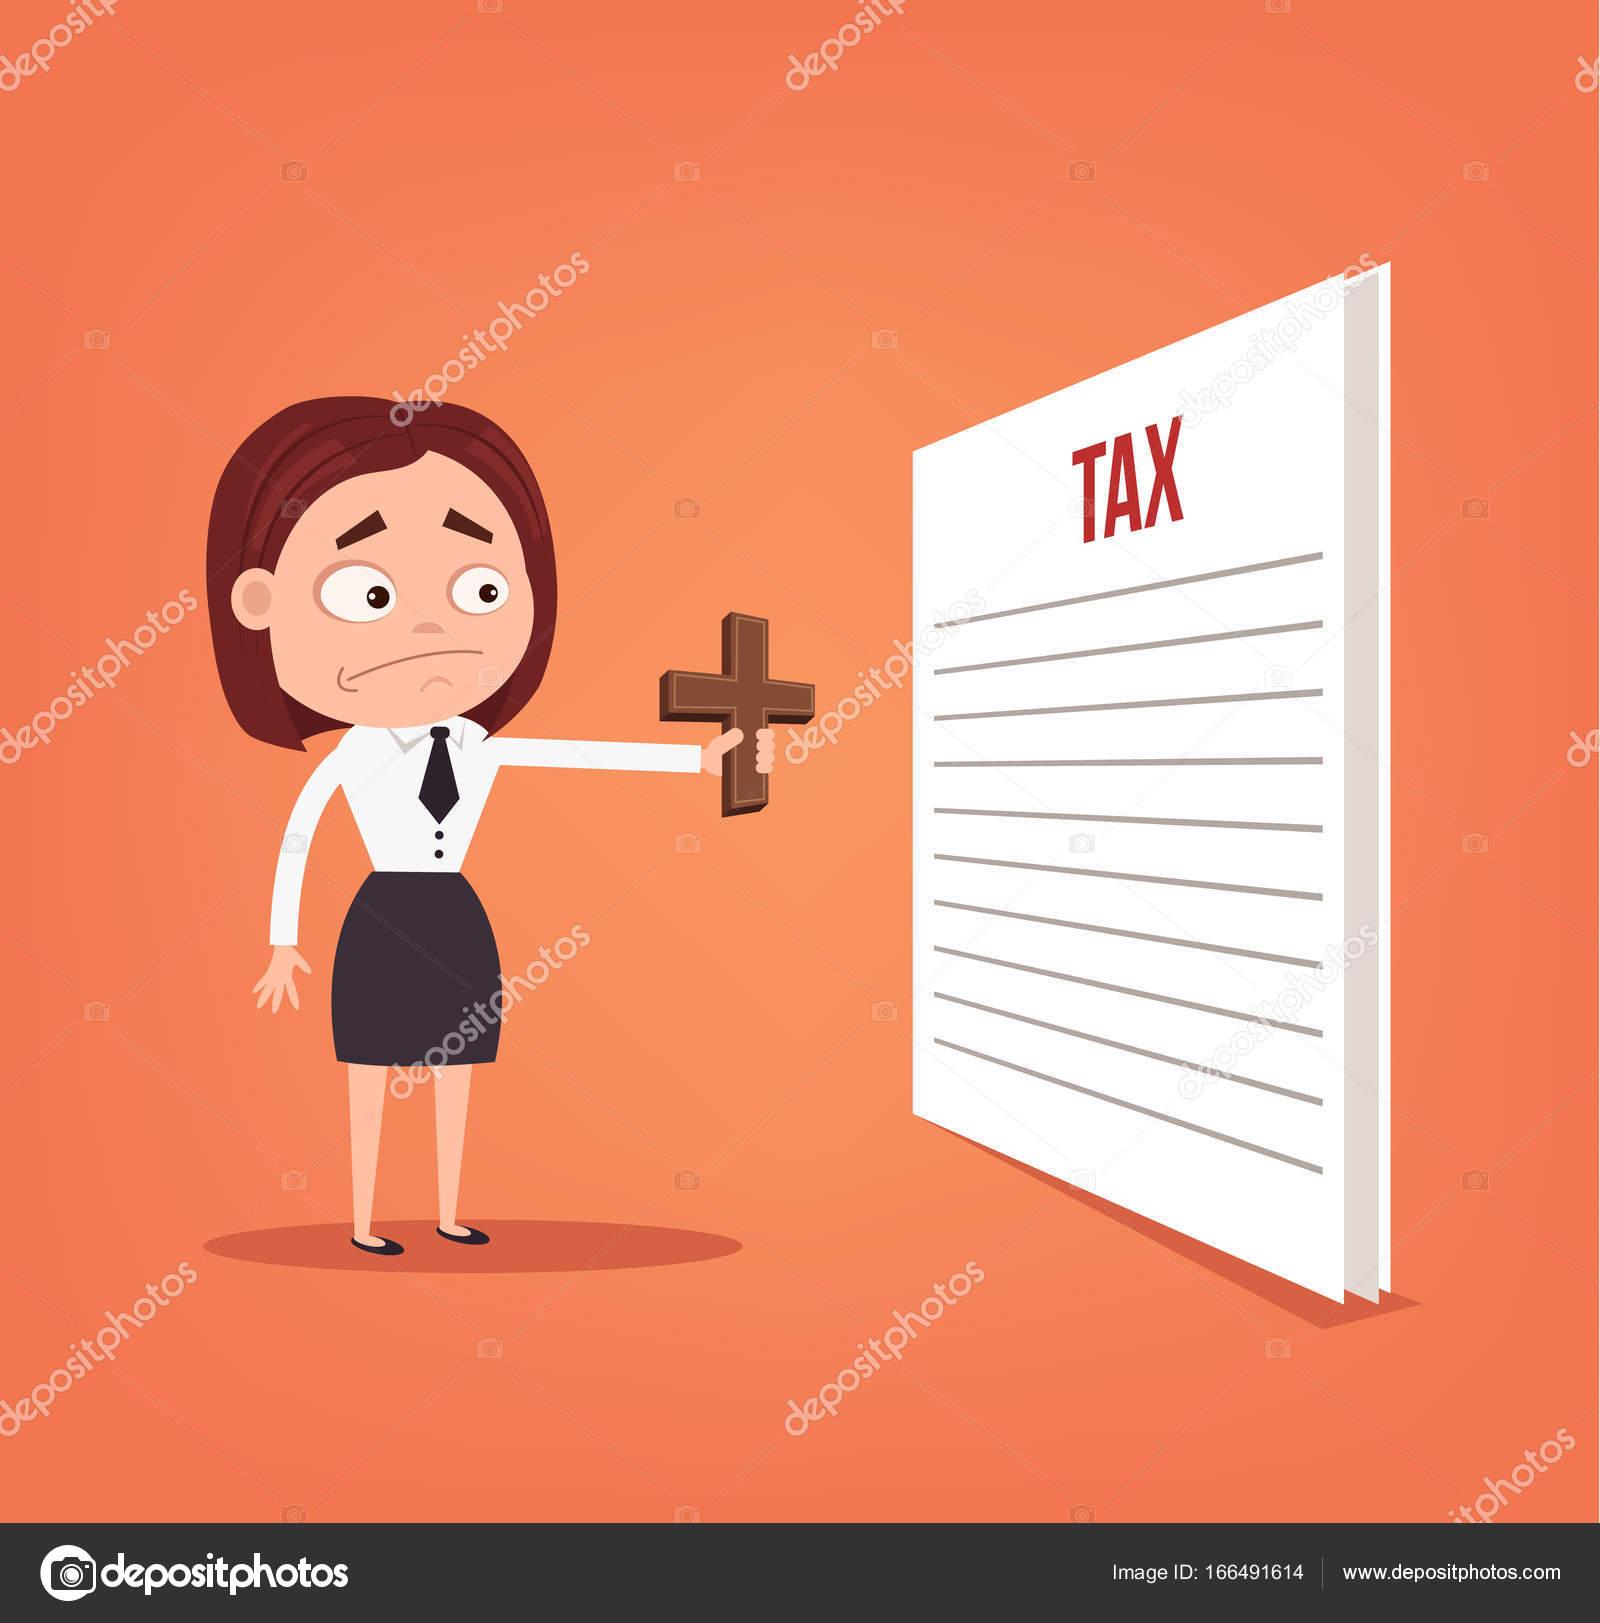 オフィス ワーカー ビジネス女性キャラクターを驚いて税を見て脱出する